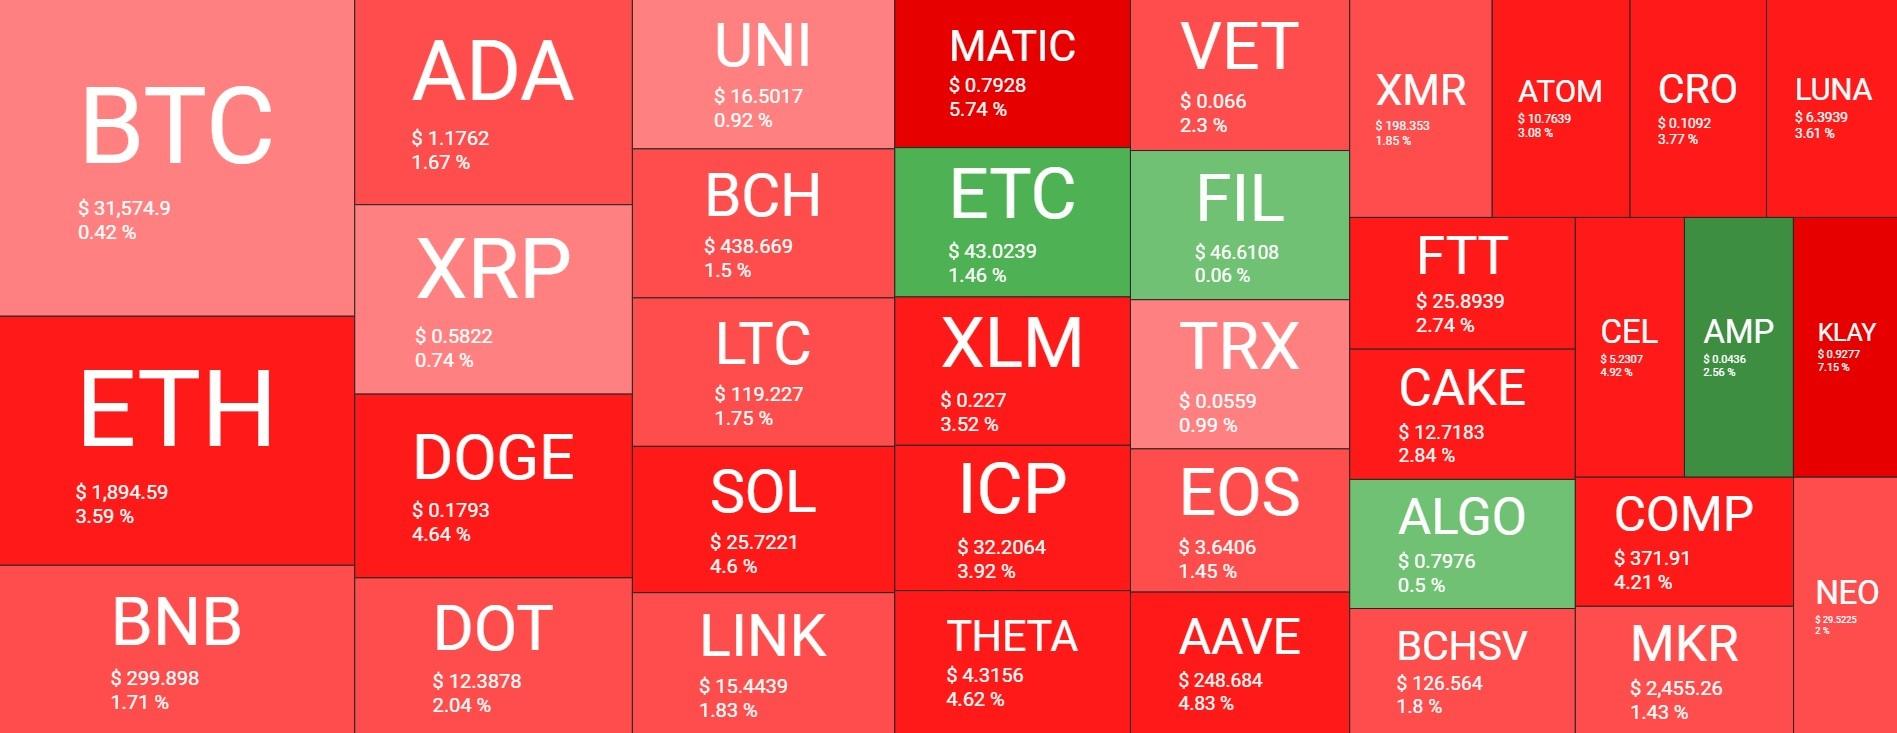 Fبازار 28 - نگاهی کلی به وضعیت امروز بازار رمزارزها (28 تیر)